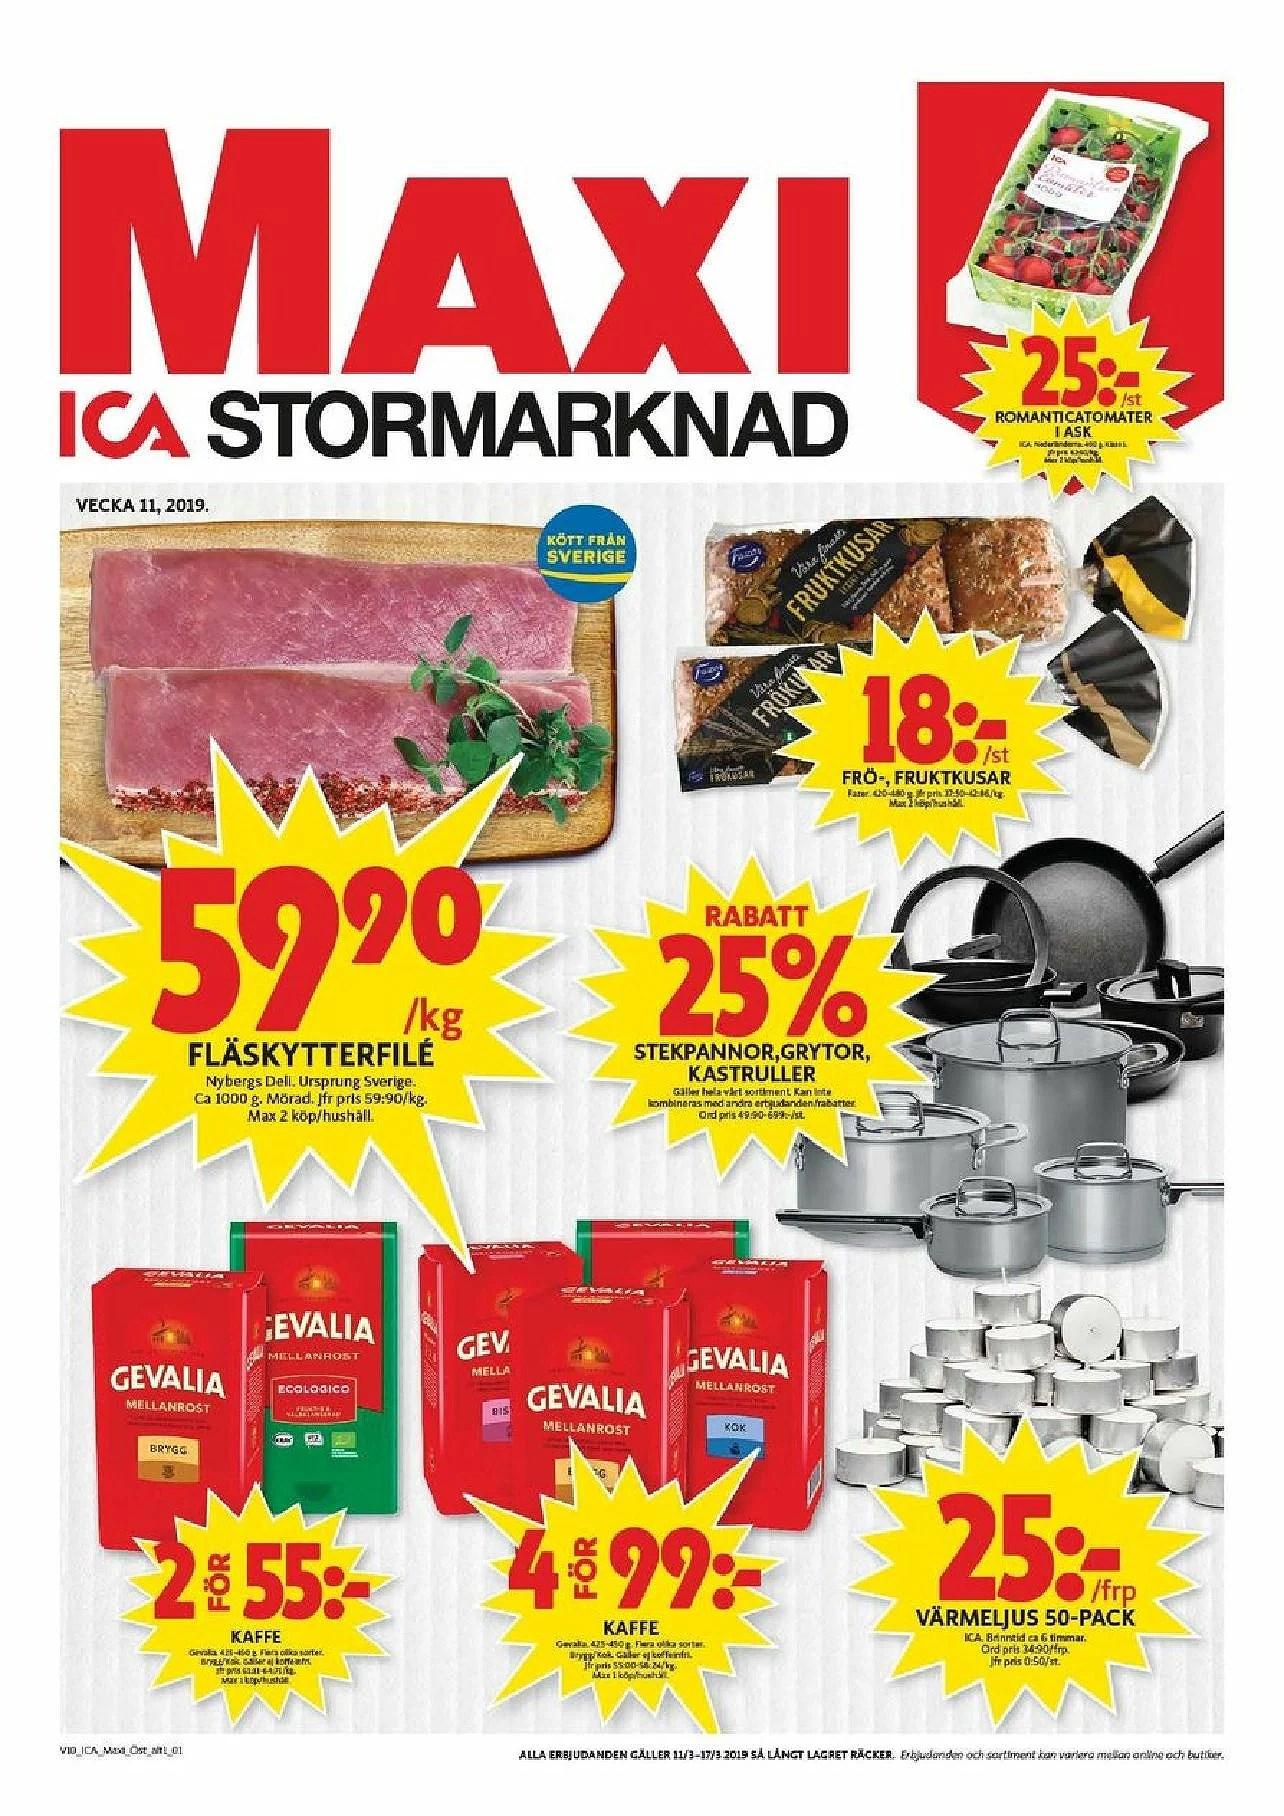 Ica Maxi nästa vecka, billigt kaffe, päron 15kr kg, 25% rabatt på kastrullar och annat